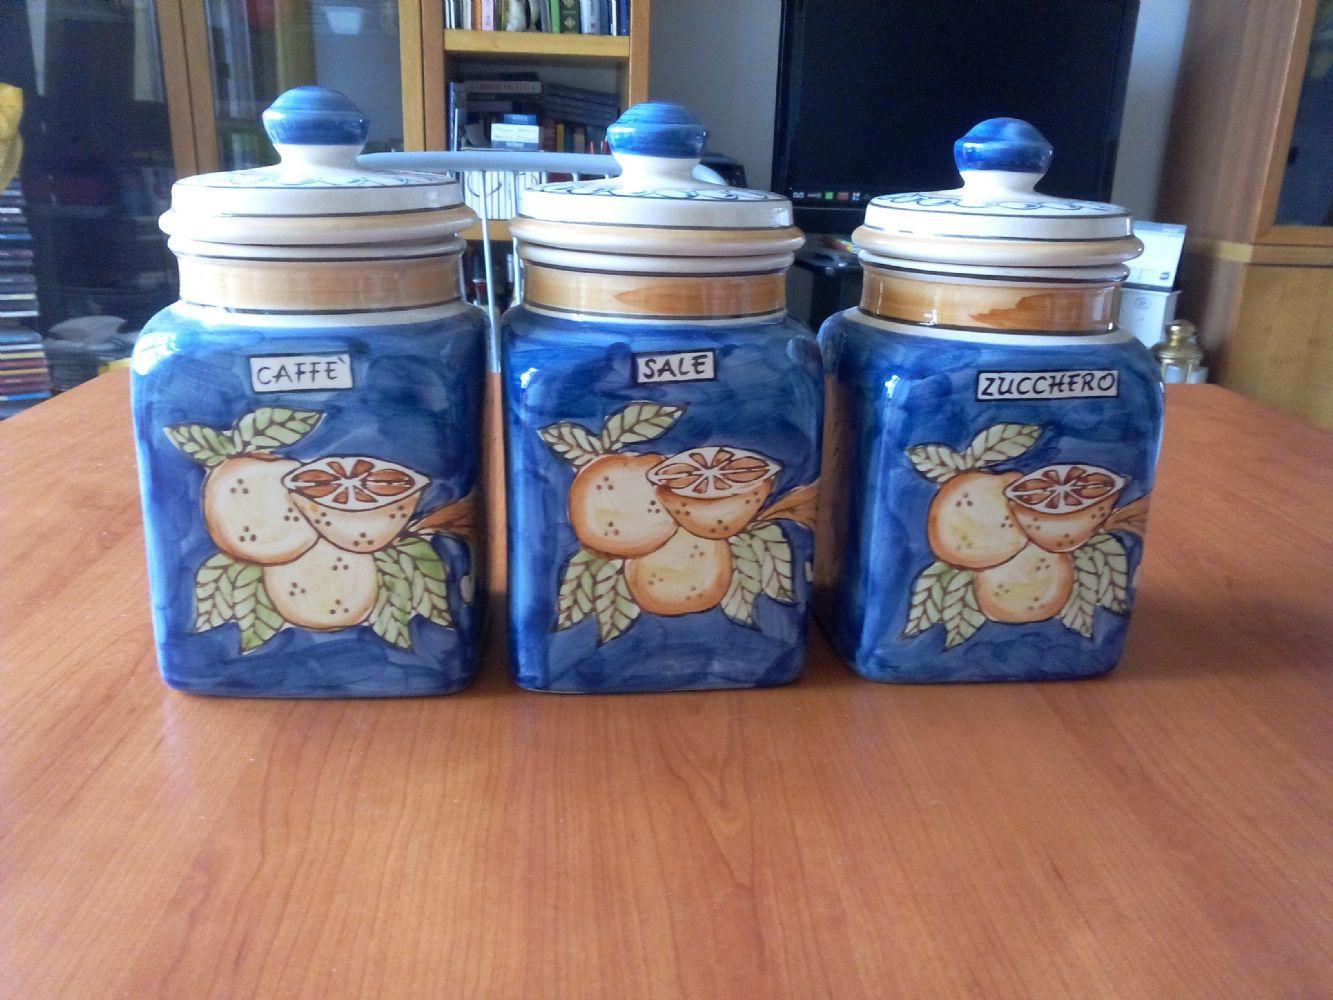 Baratto scambio tris barattoli ceramica arredamento for Porta zucchero caffe sale